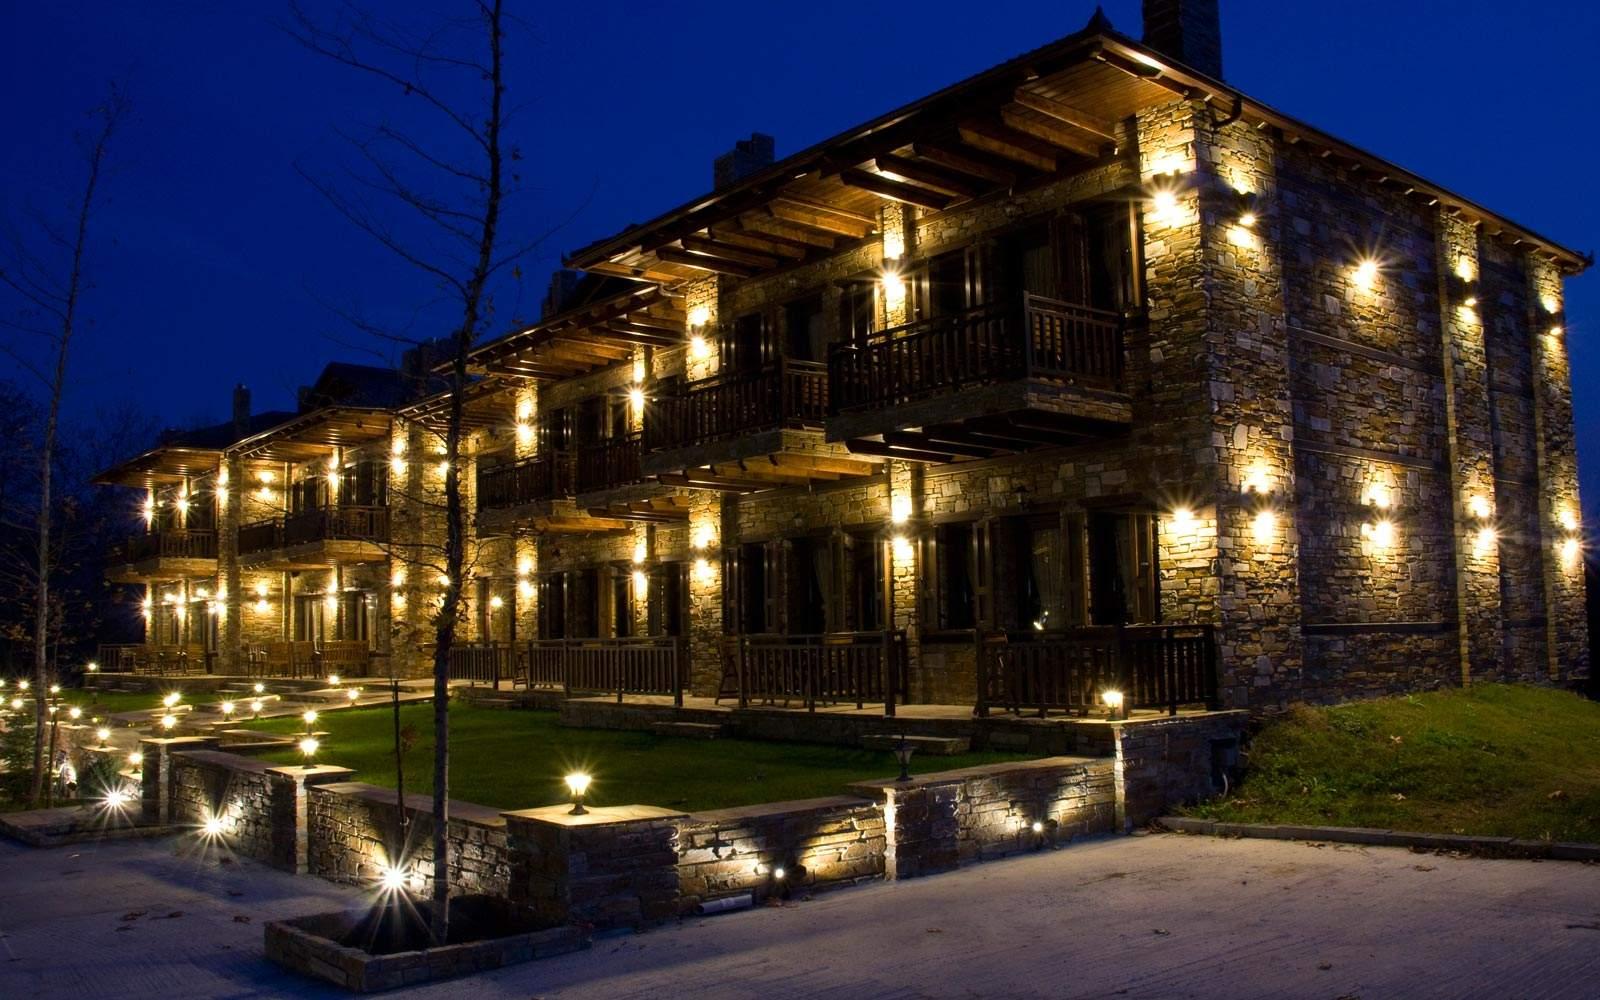 Ξενοδοχείο Θέρμες Λουτρά Πόζαρ